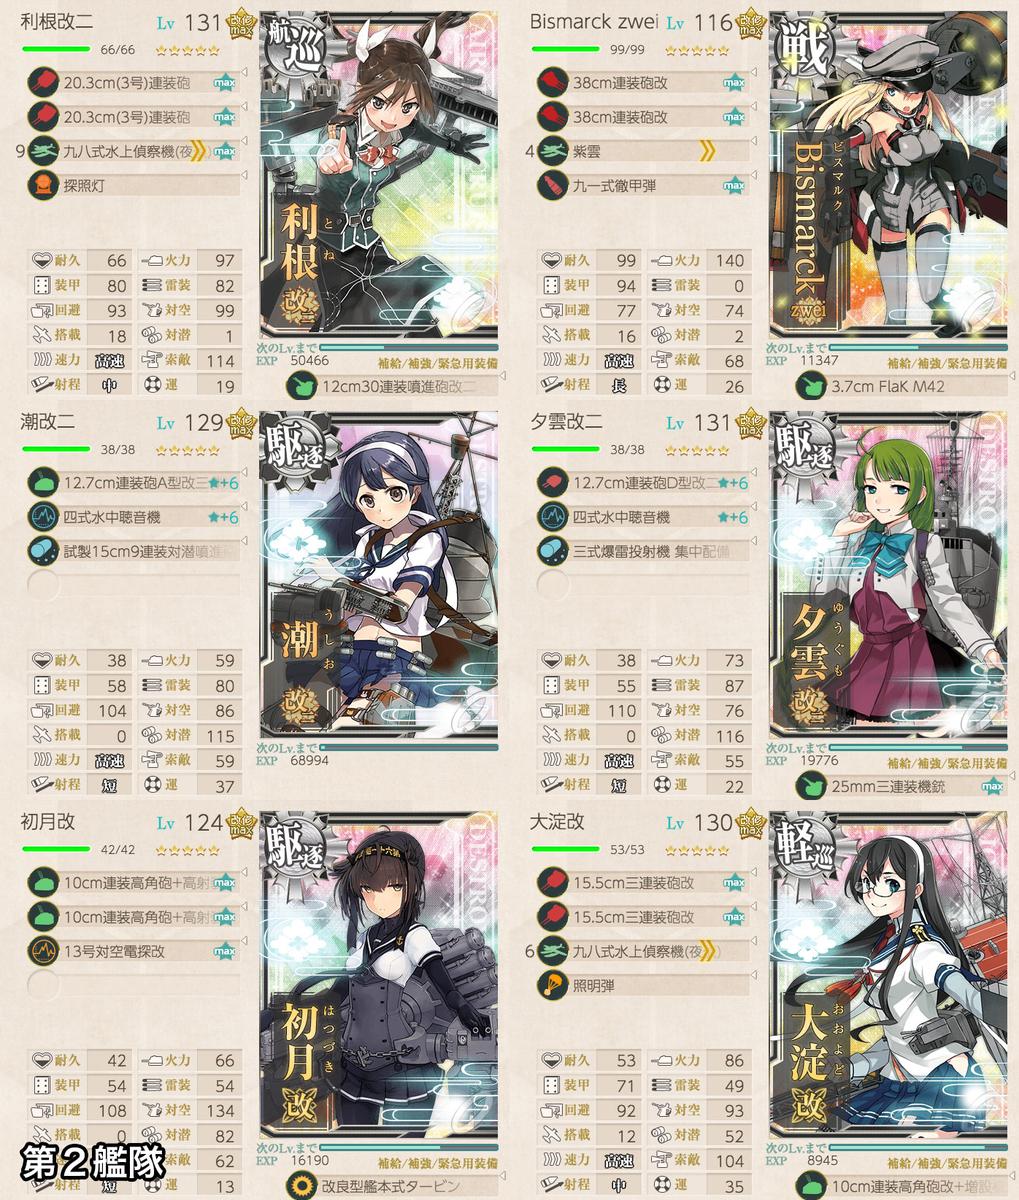 f:id:nameless_admiral:20210107105424j:plain